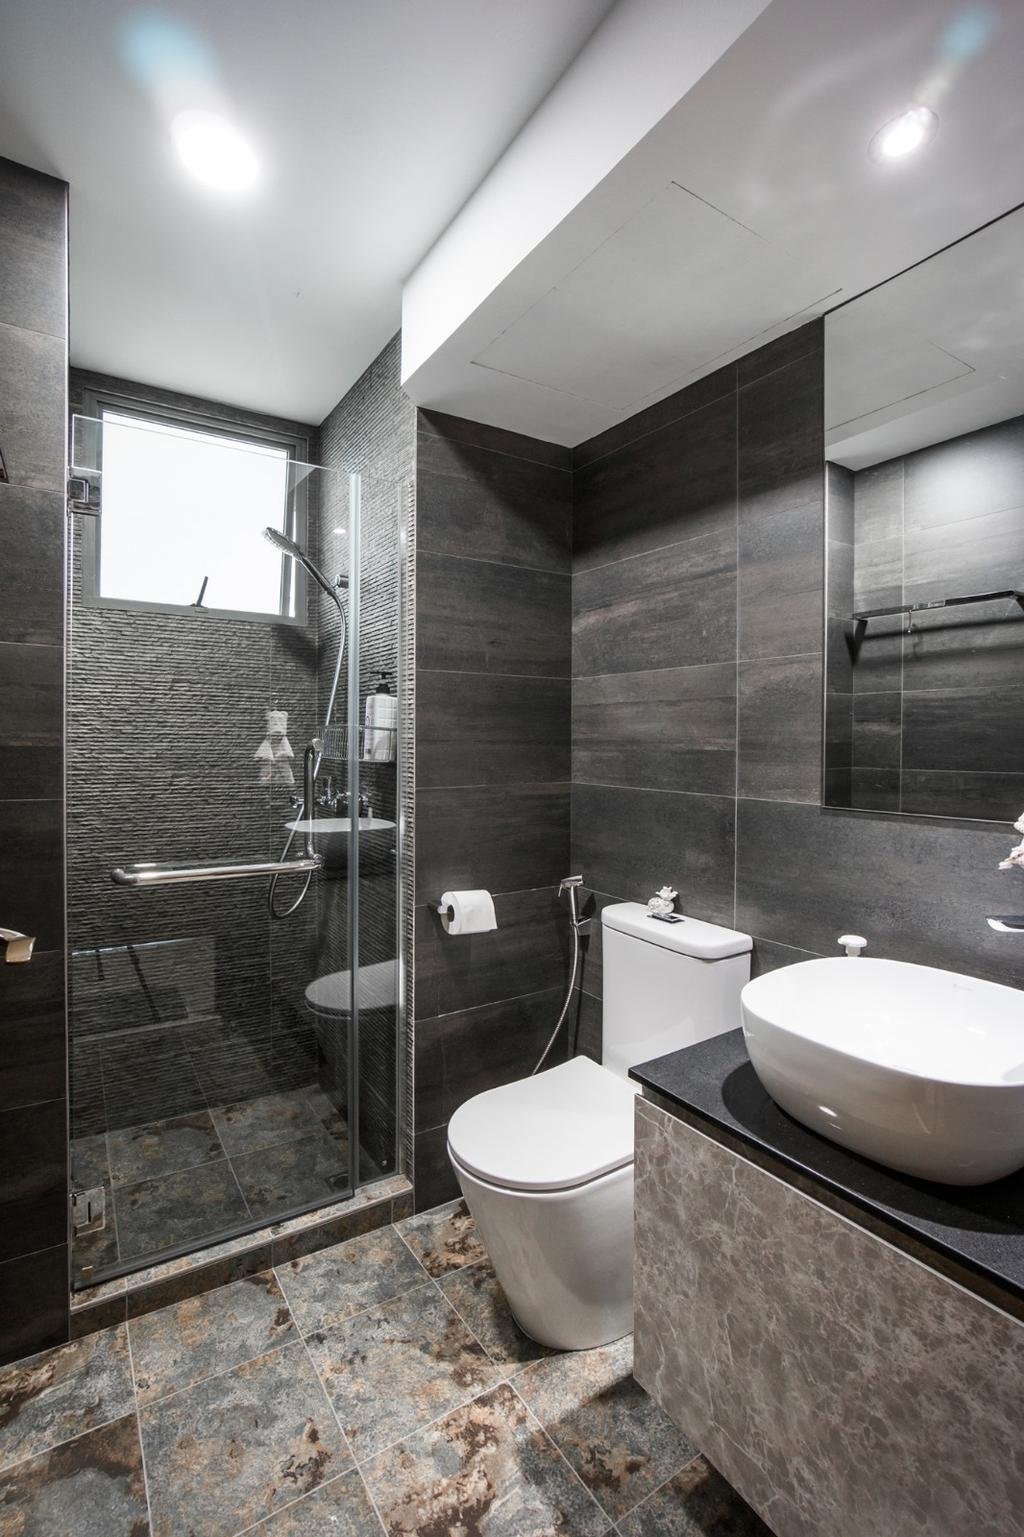 Bathroom Interior Design Singapore Interior Design Ideas,Define Intelligent Design